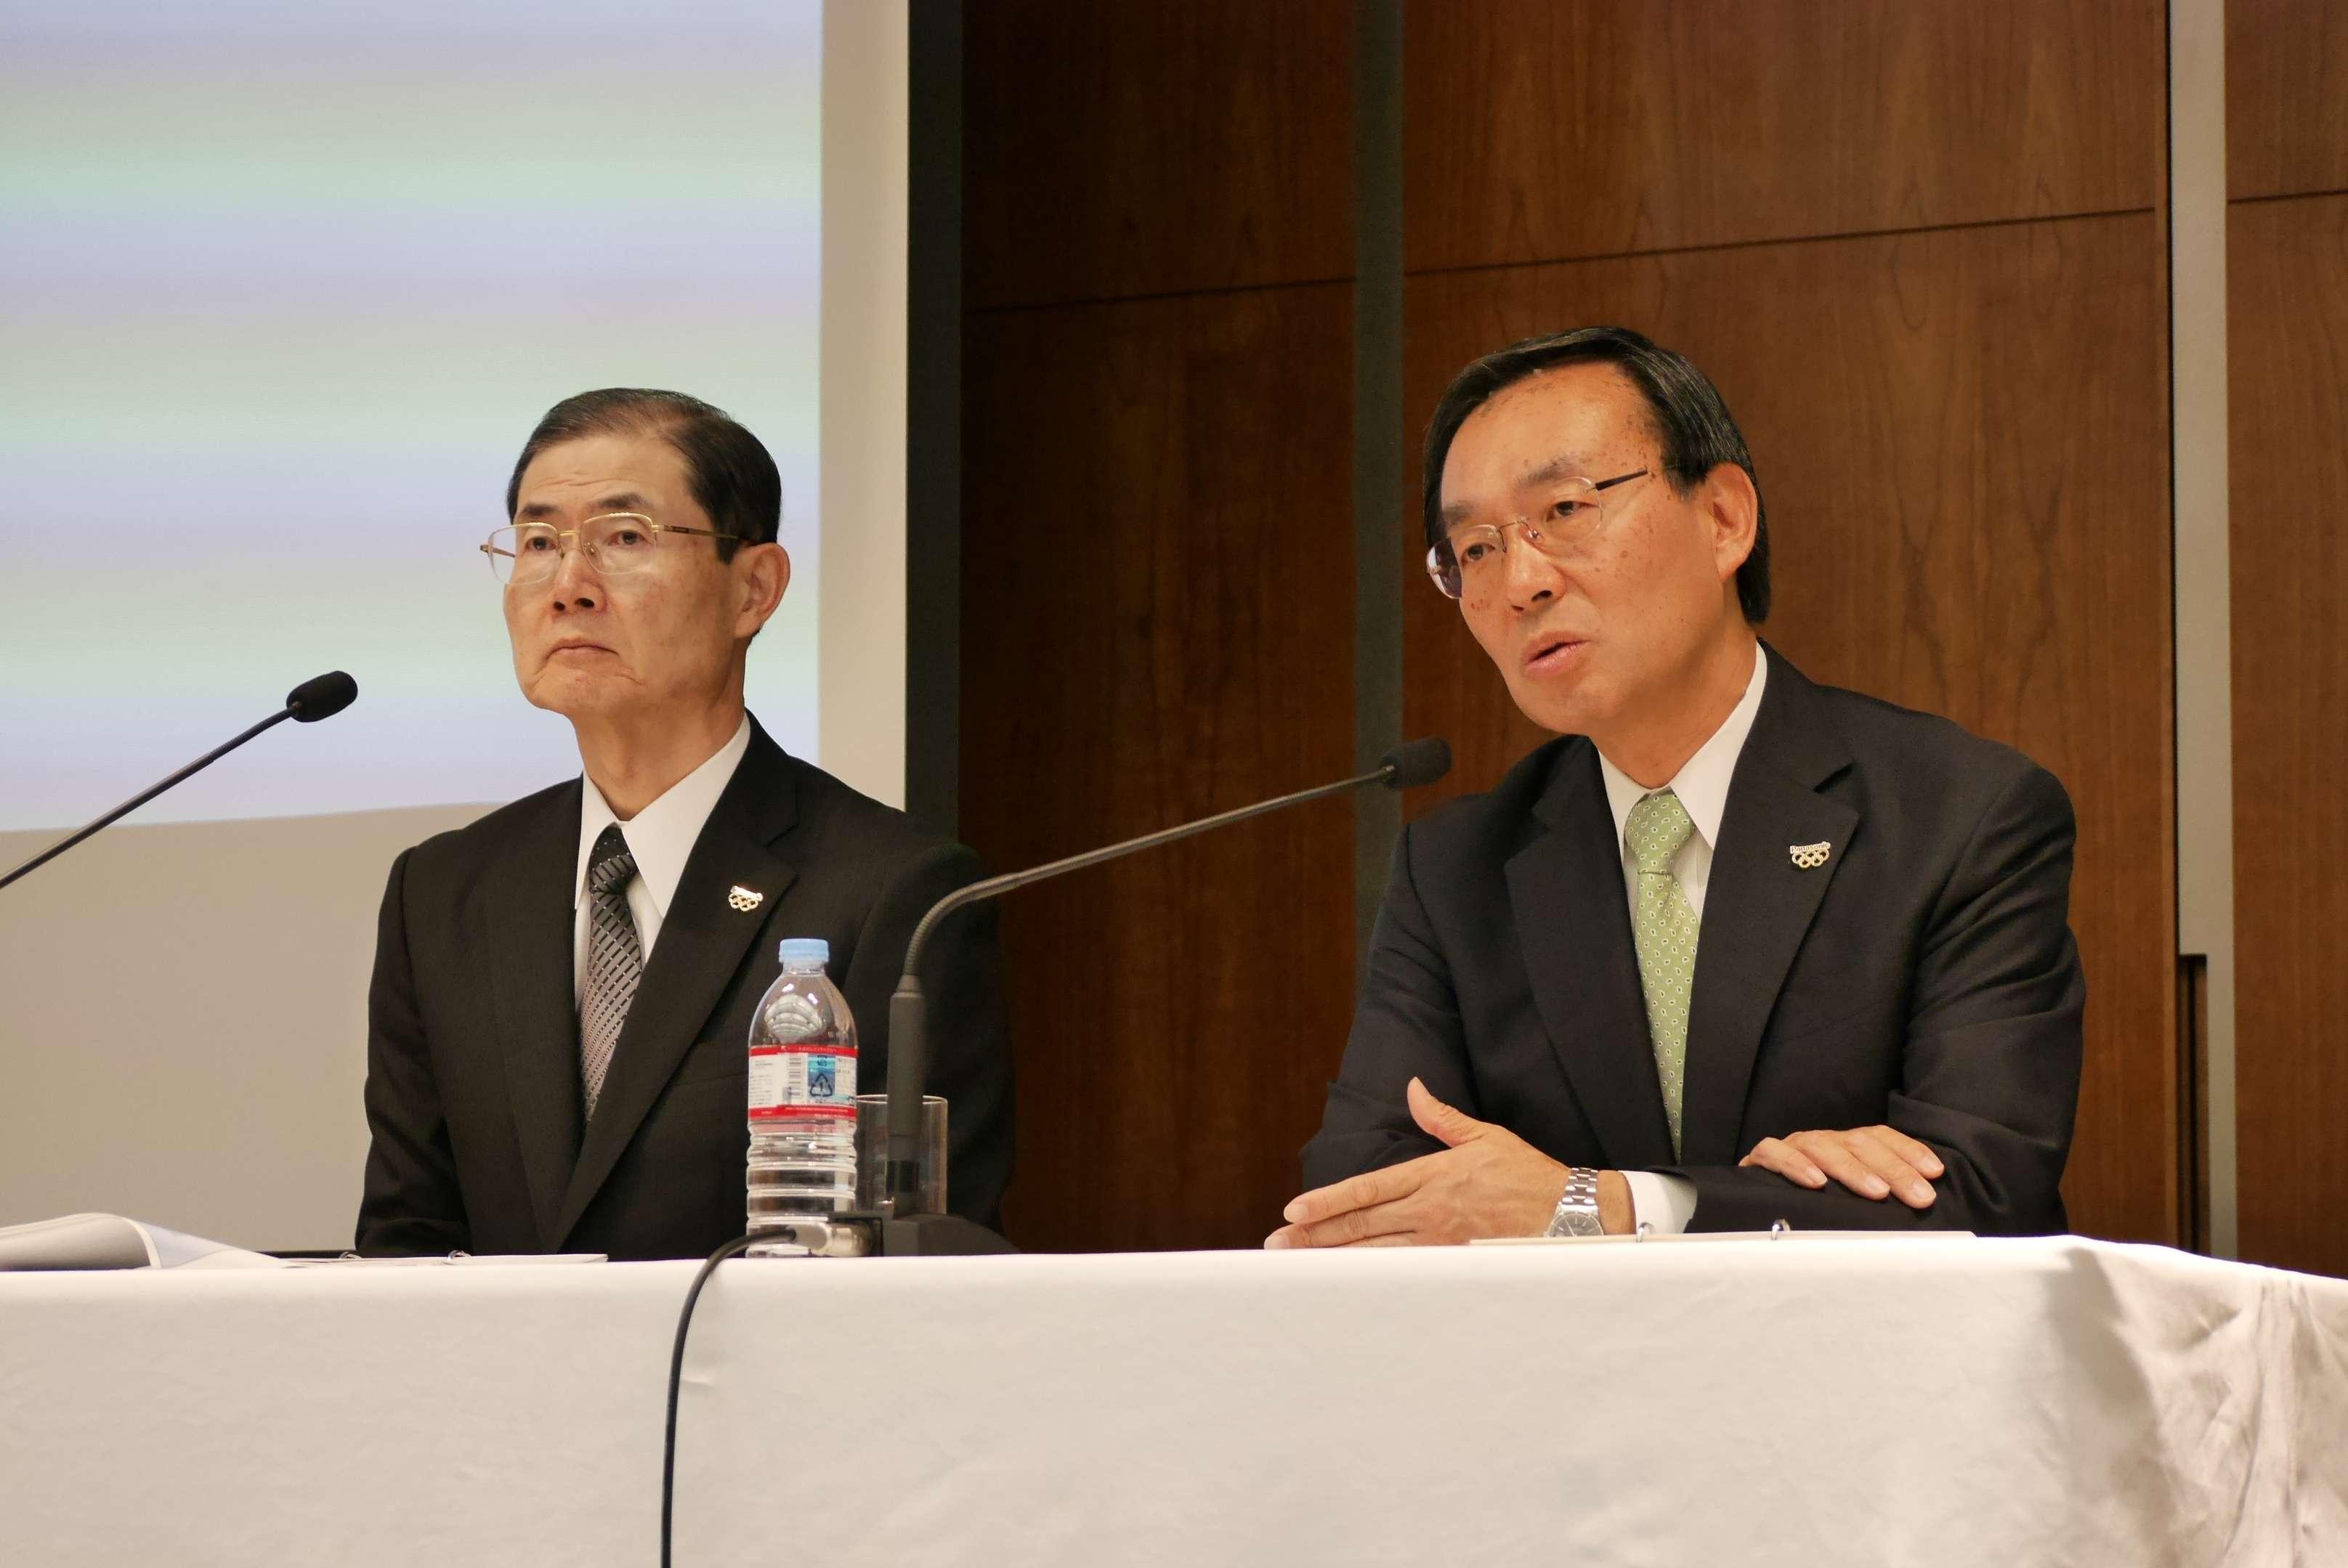 2014年度決算概要を説明する津賀一宏社長(写真右)と河井英明専務